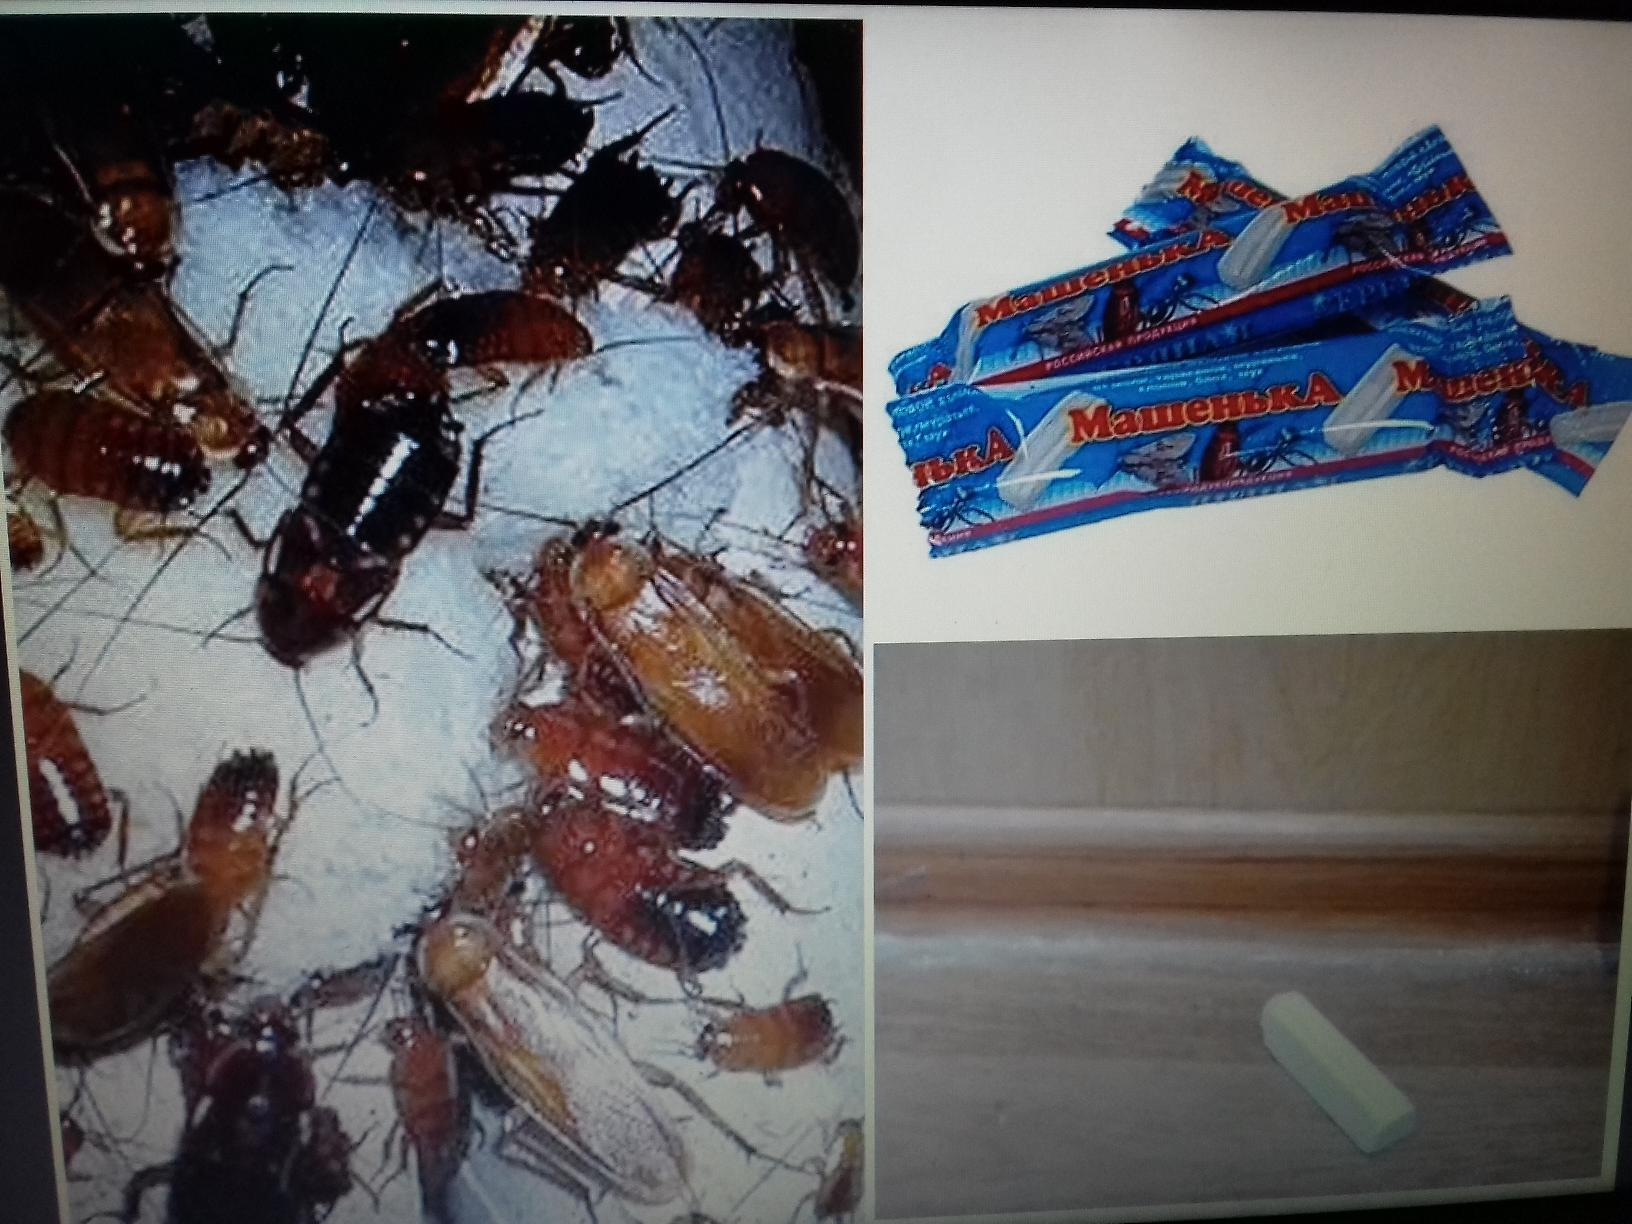 Мелок машенька: состав, принцип действия и применение от клопов и тараканов